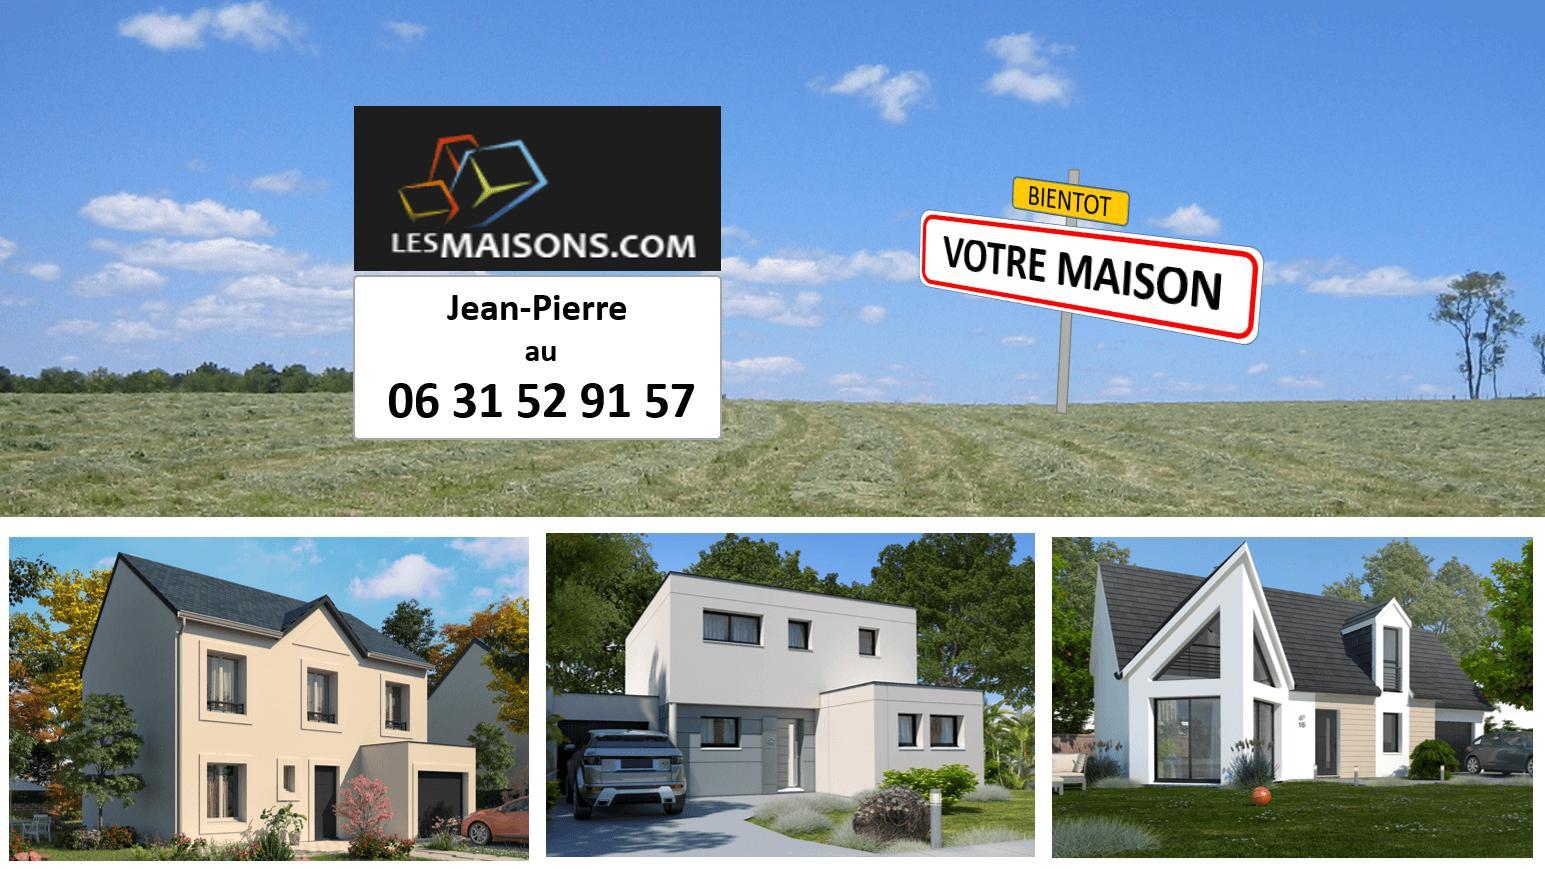 Terrains du constructeur LES MAISONS.COM LA VILLE DU BOIS • 323 m² • SAINT VRAIN